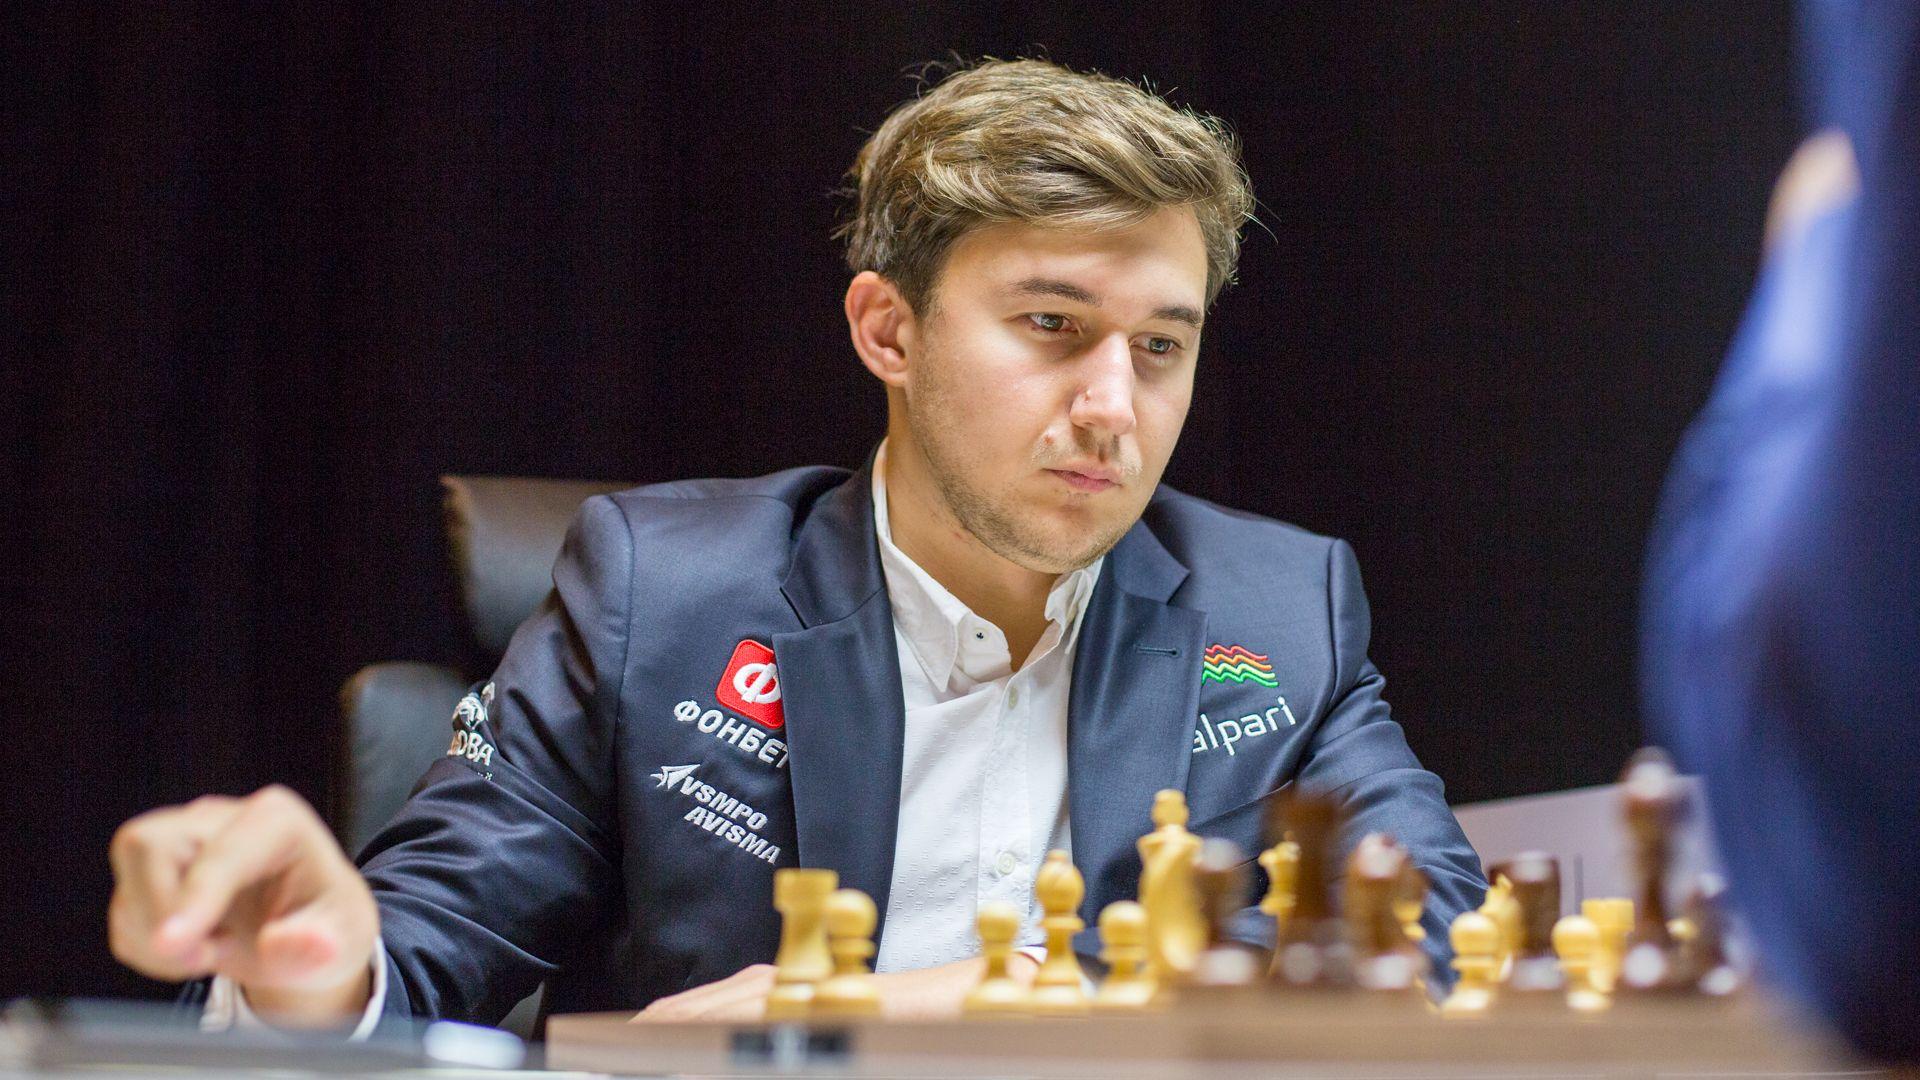 Sergey Karjakin, Chess Prodigy